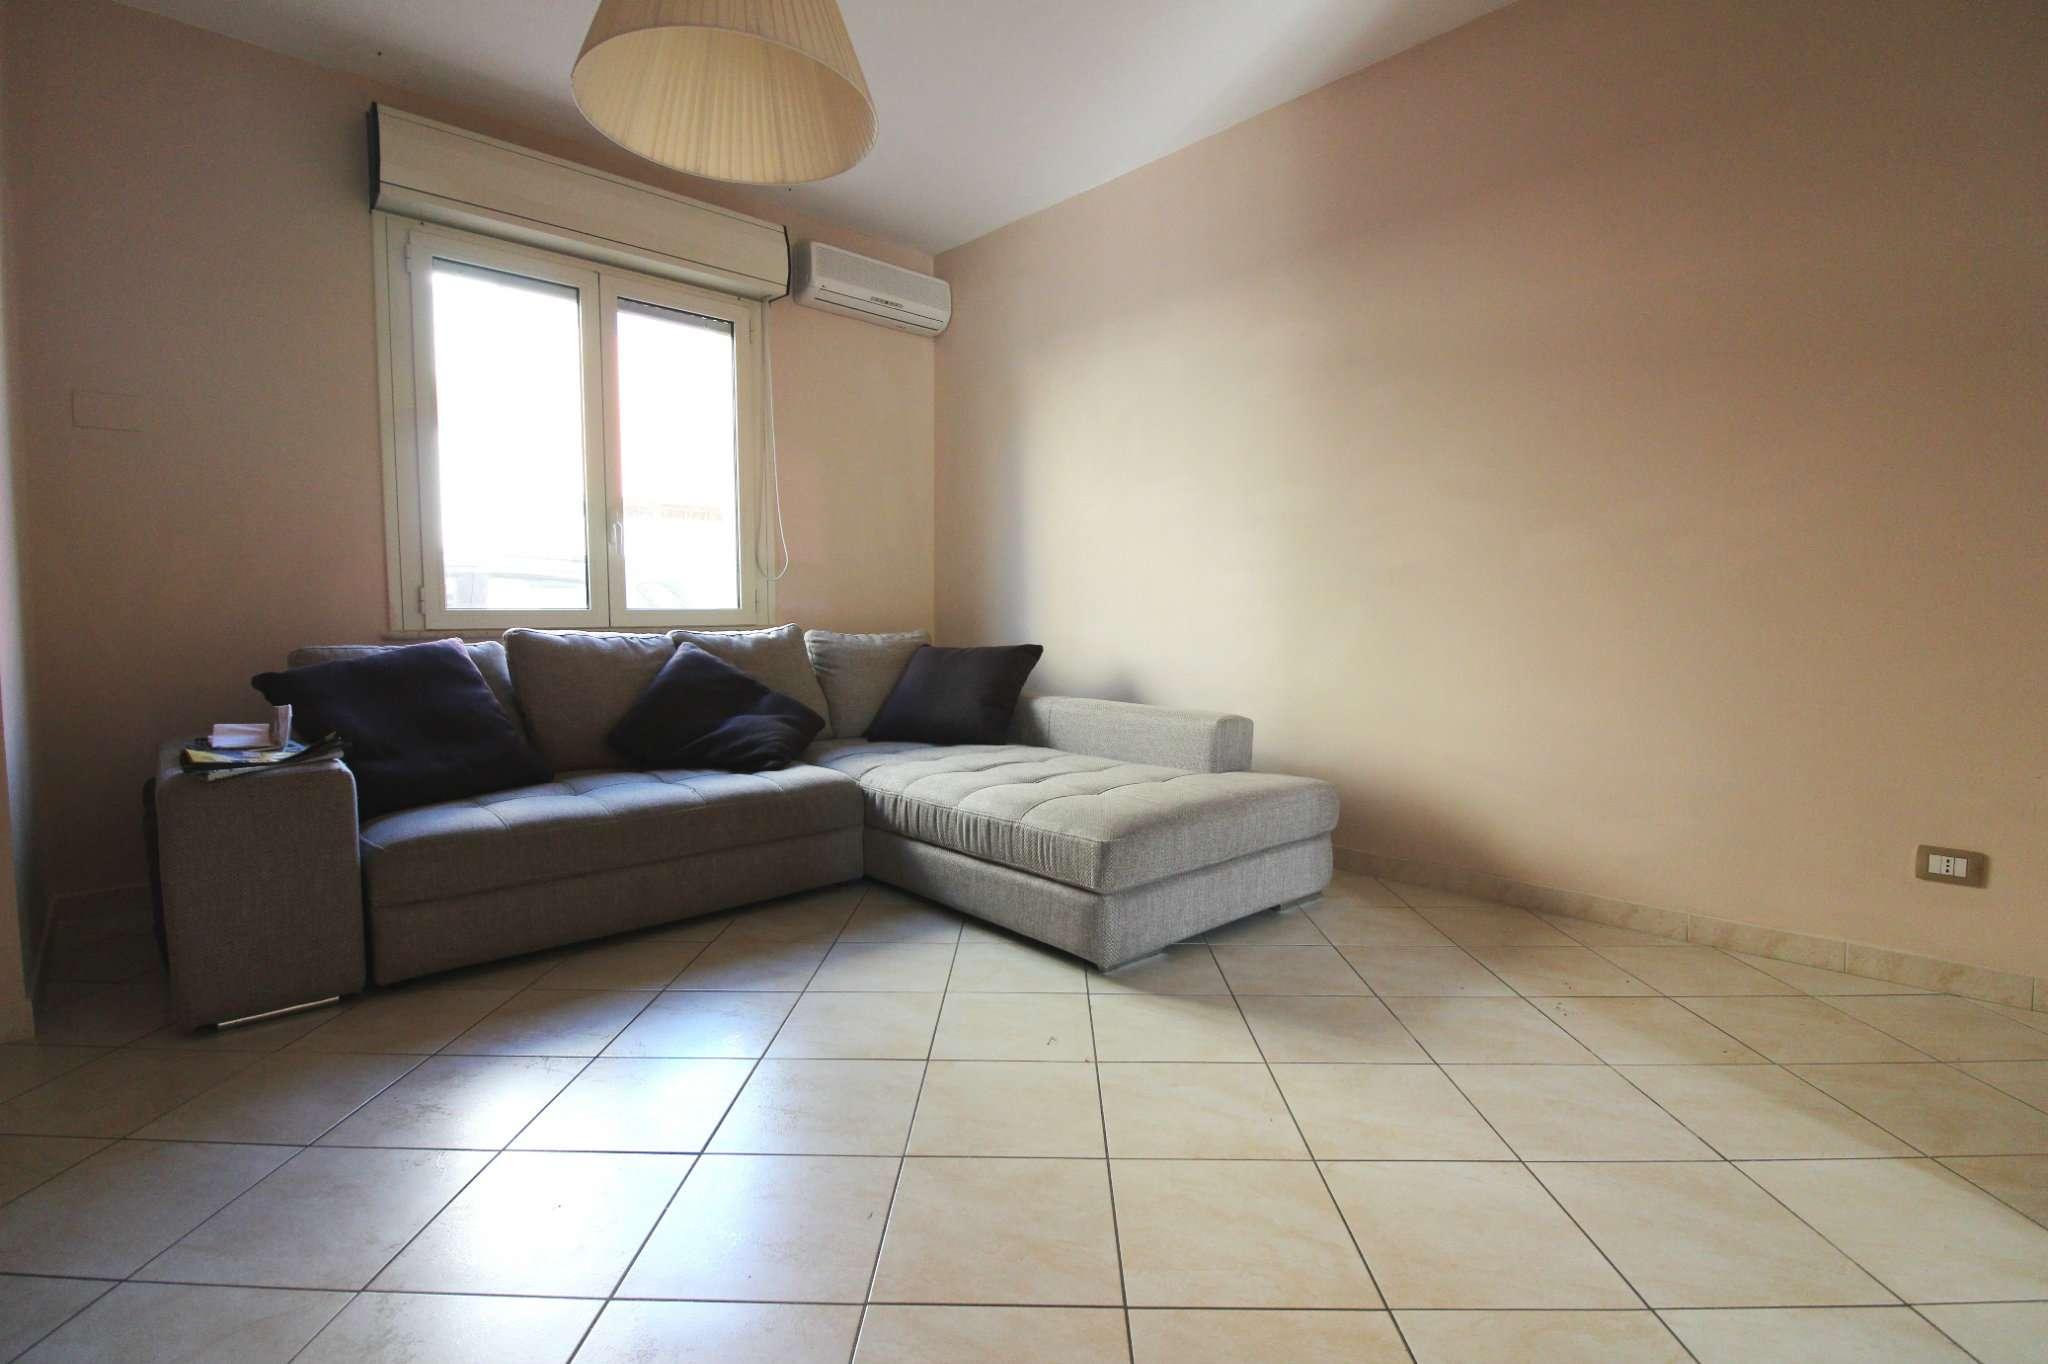 Soluzione Indipendente in vendita a Cagliari, 4 locali, prezzo € 169.000 | Cambio Casa.it